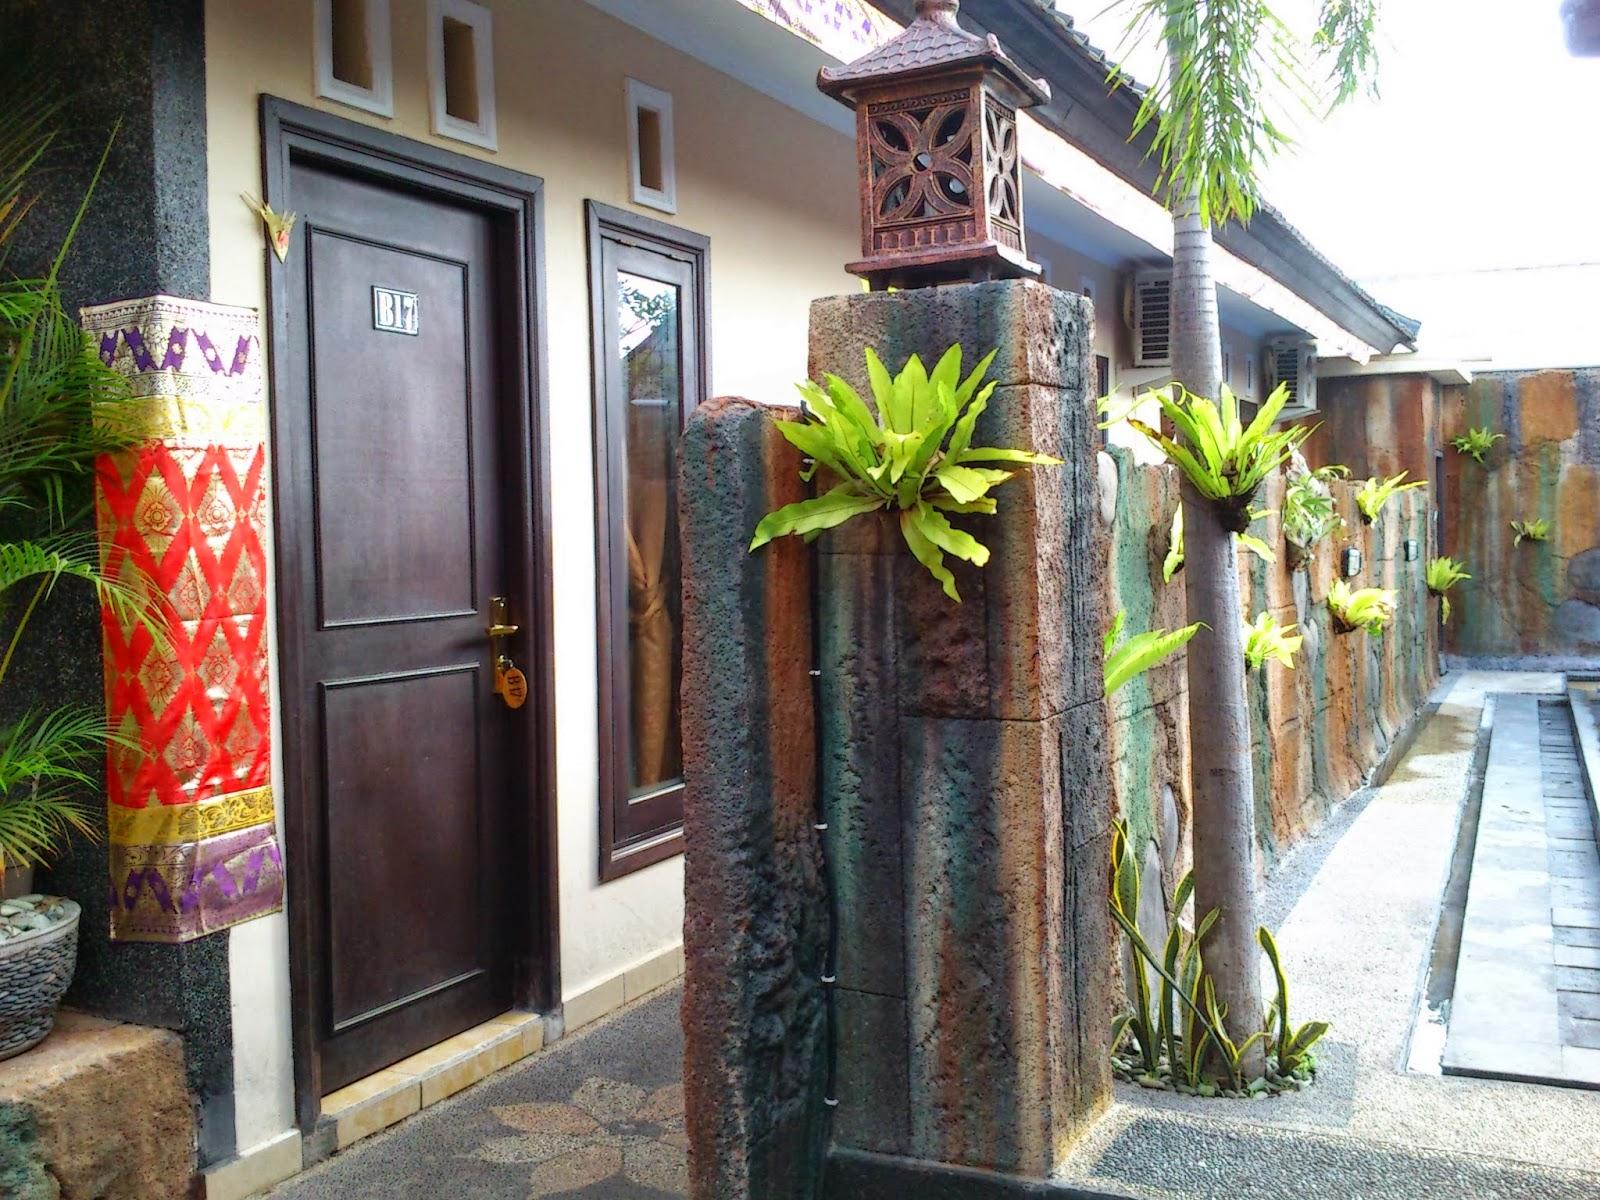 Lokasi Hotel Kami Pun Dekat Dengan Tempat Wisata Pusat Oleh Dan Terminal Ubung Puspa Indah Juga Saat Cocok Untuk Rombongan Siswa Karena Selain